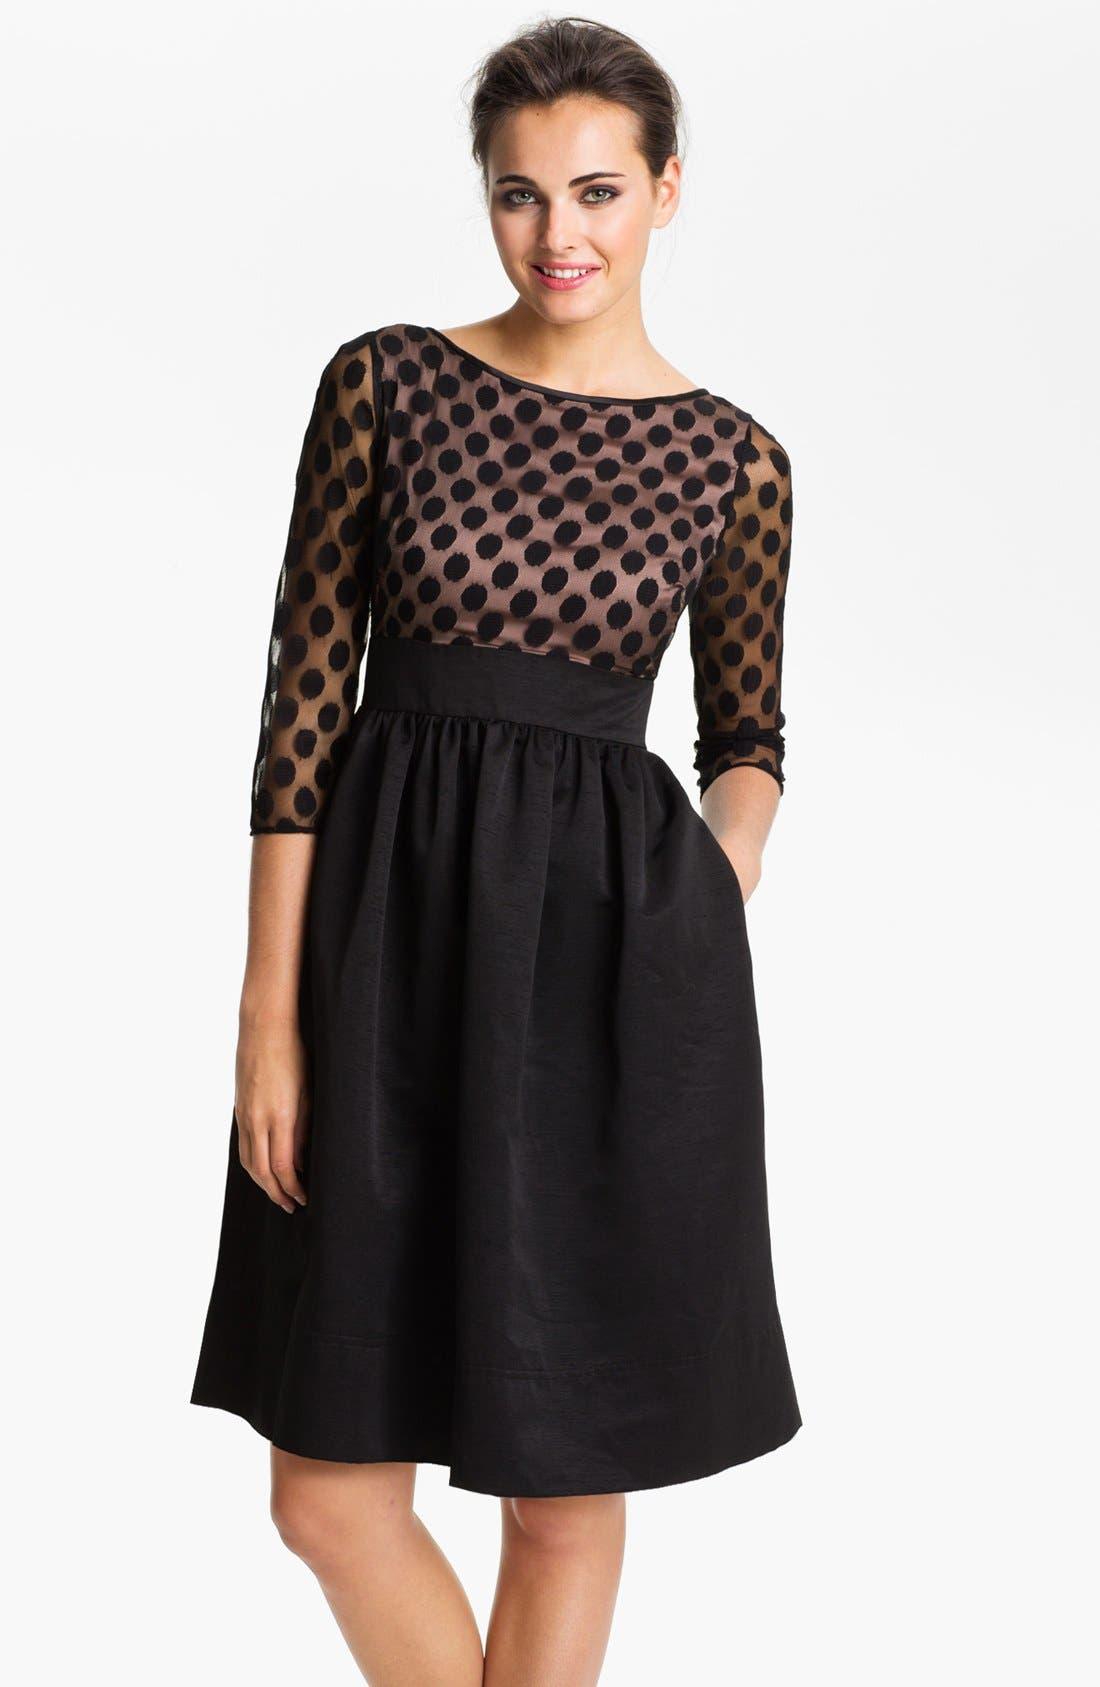 Main Image - Eliza J Dot Mesh Bodice Fit & Flare Dress (Regular & Petite)